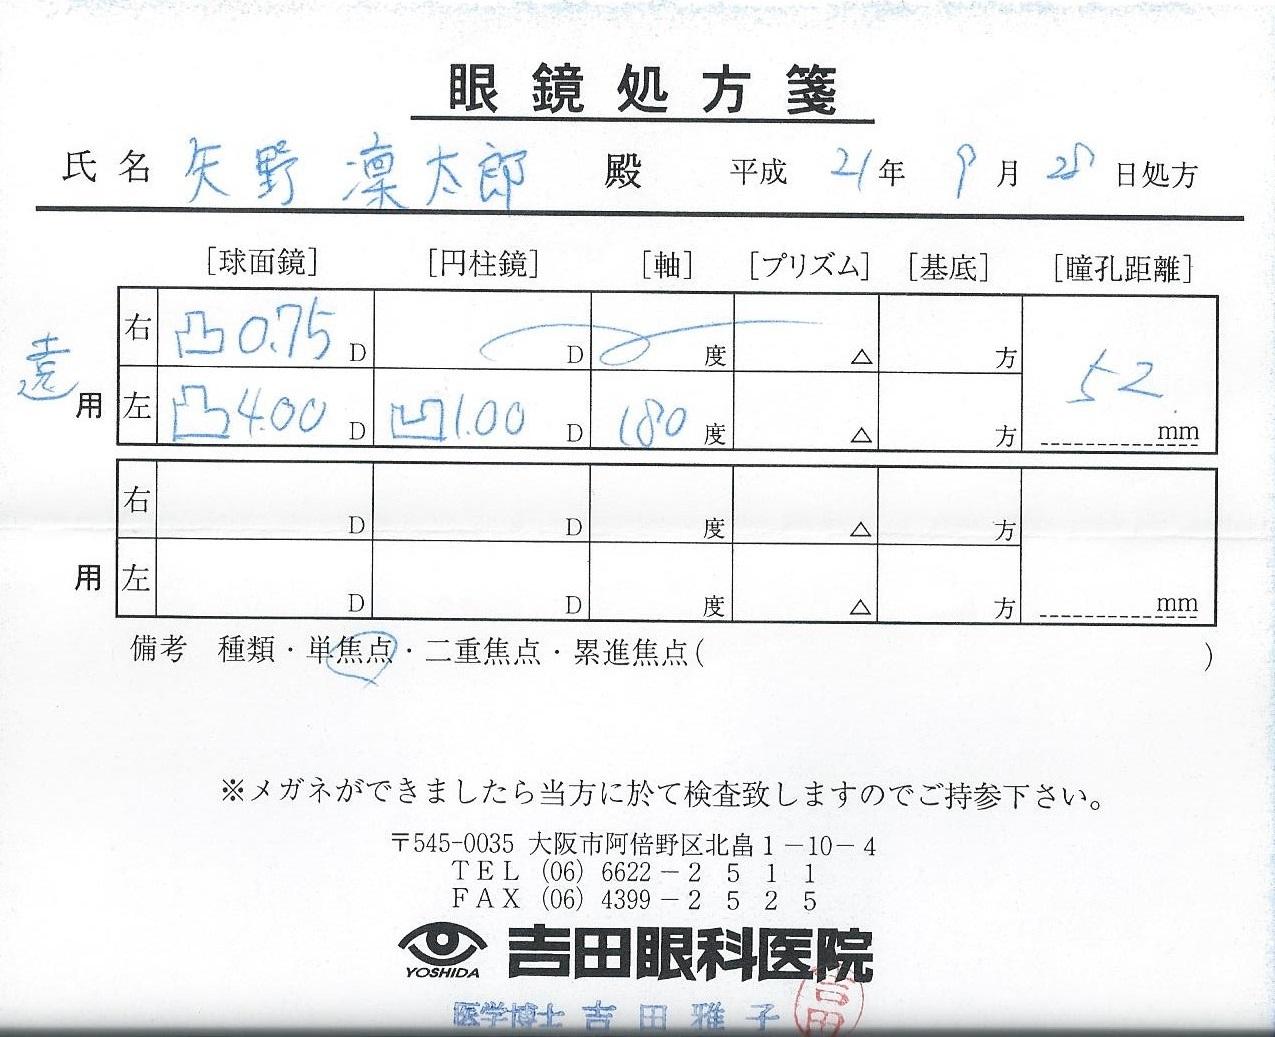 凜太郎2009処方箋